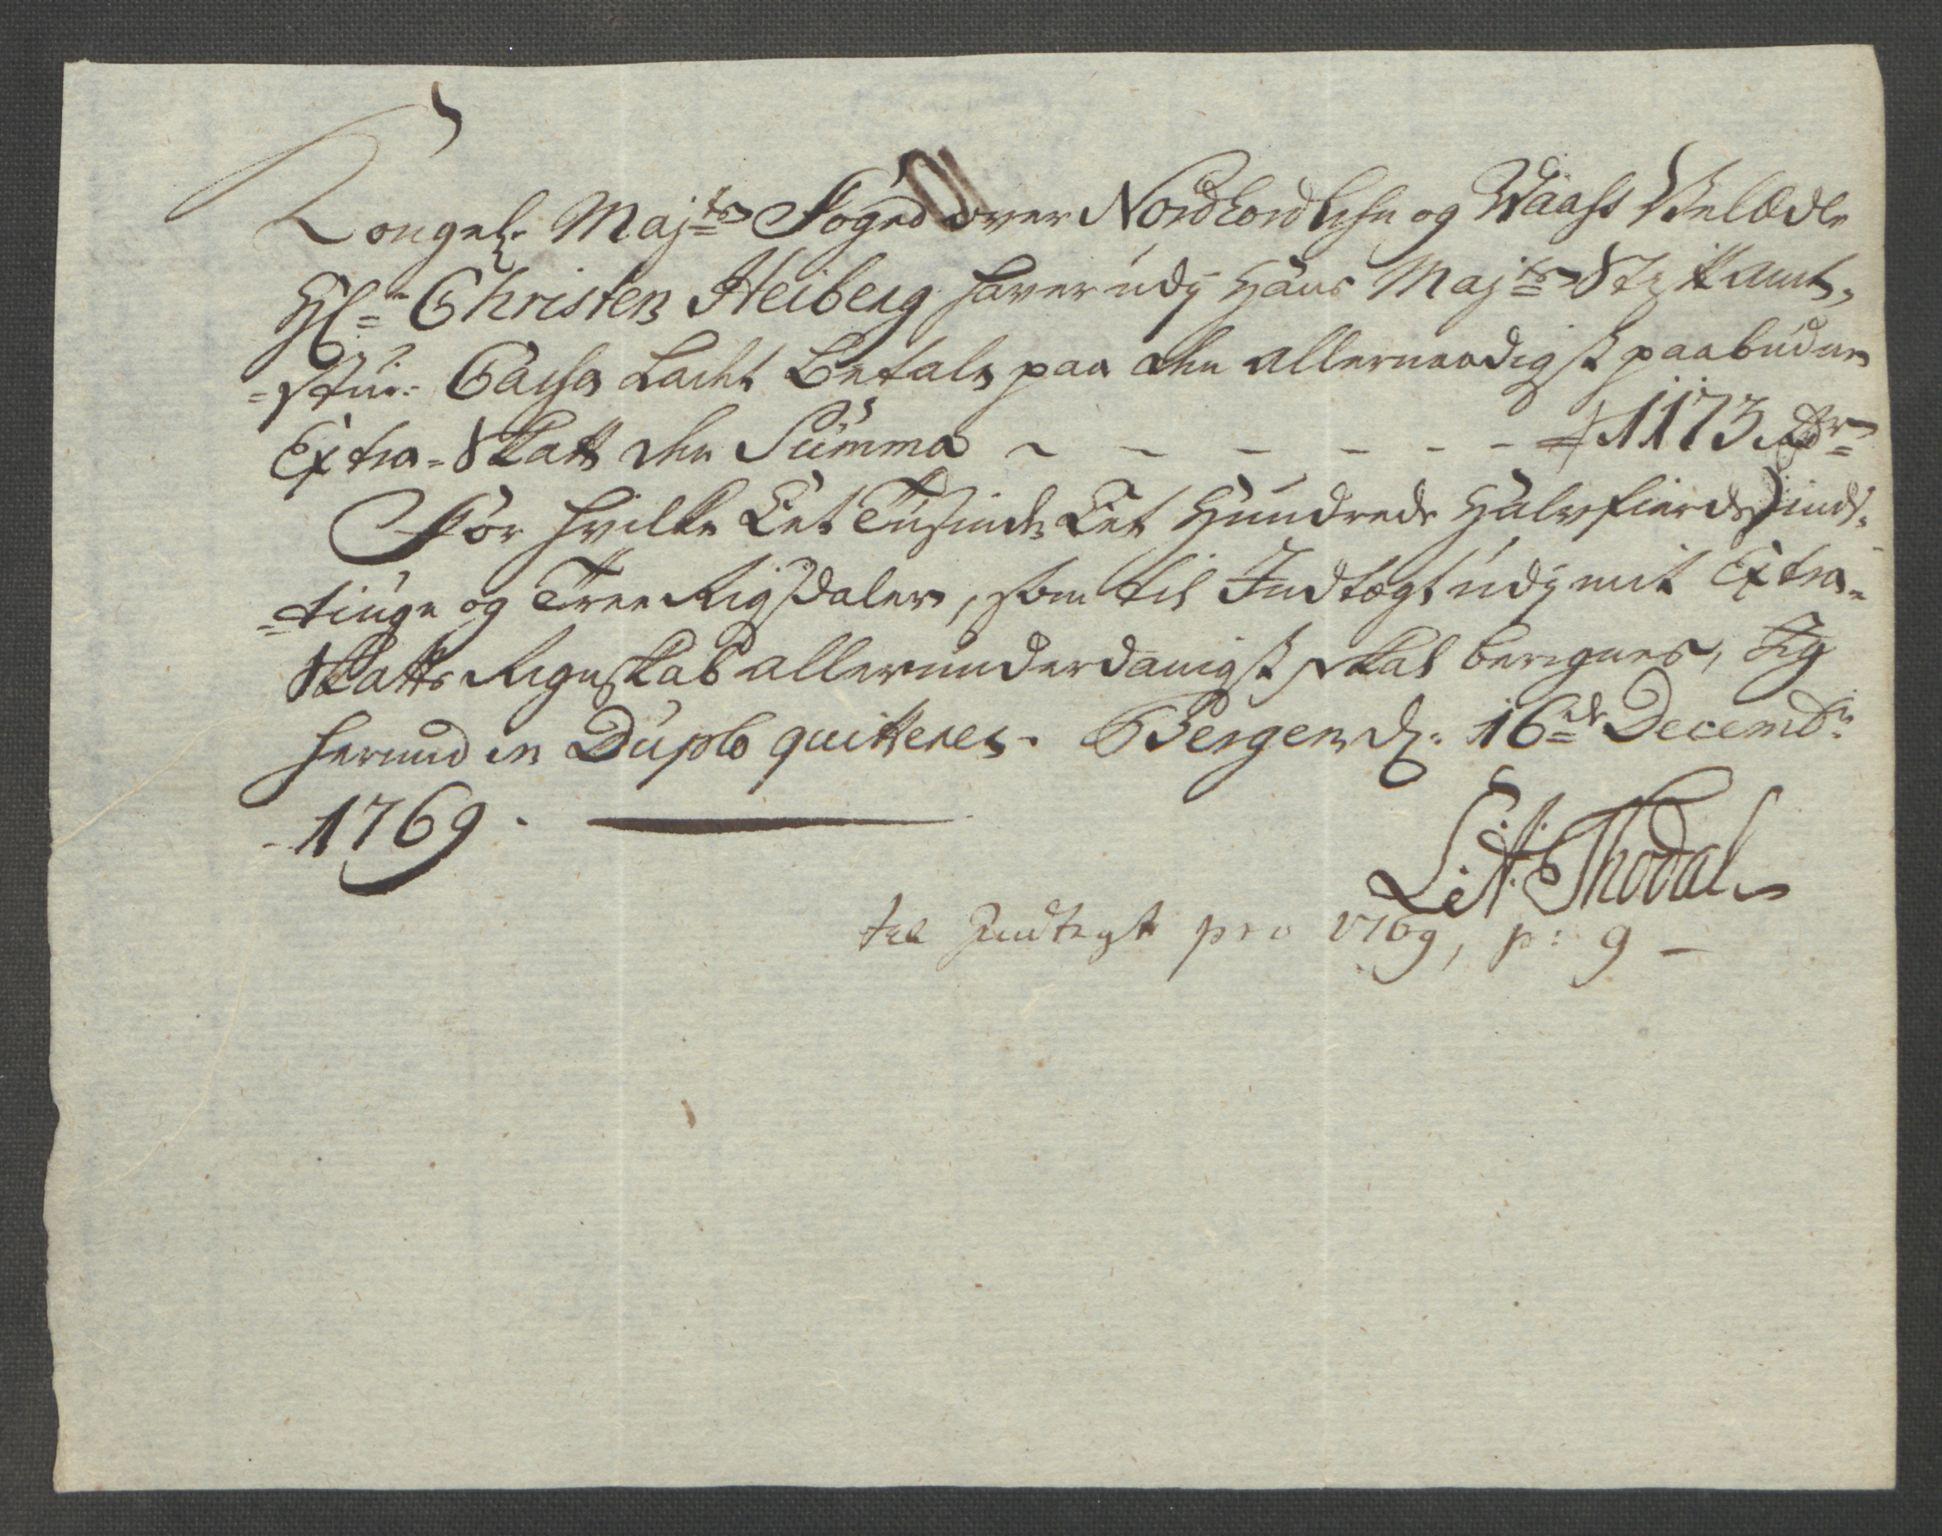 RA, Rentekammeret inntil 1814, Reviderte regnskaper, Fogderegnskap, R51/L3303: Ekstraskatten Nordhordland og Voss, 1762-1772, s. 374